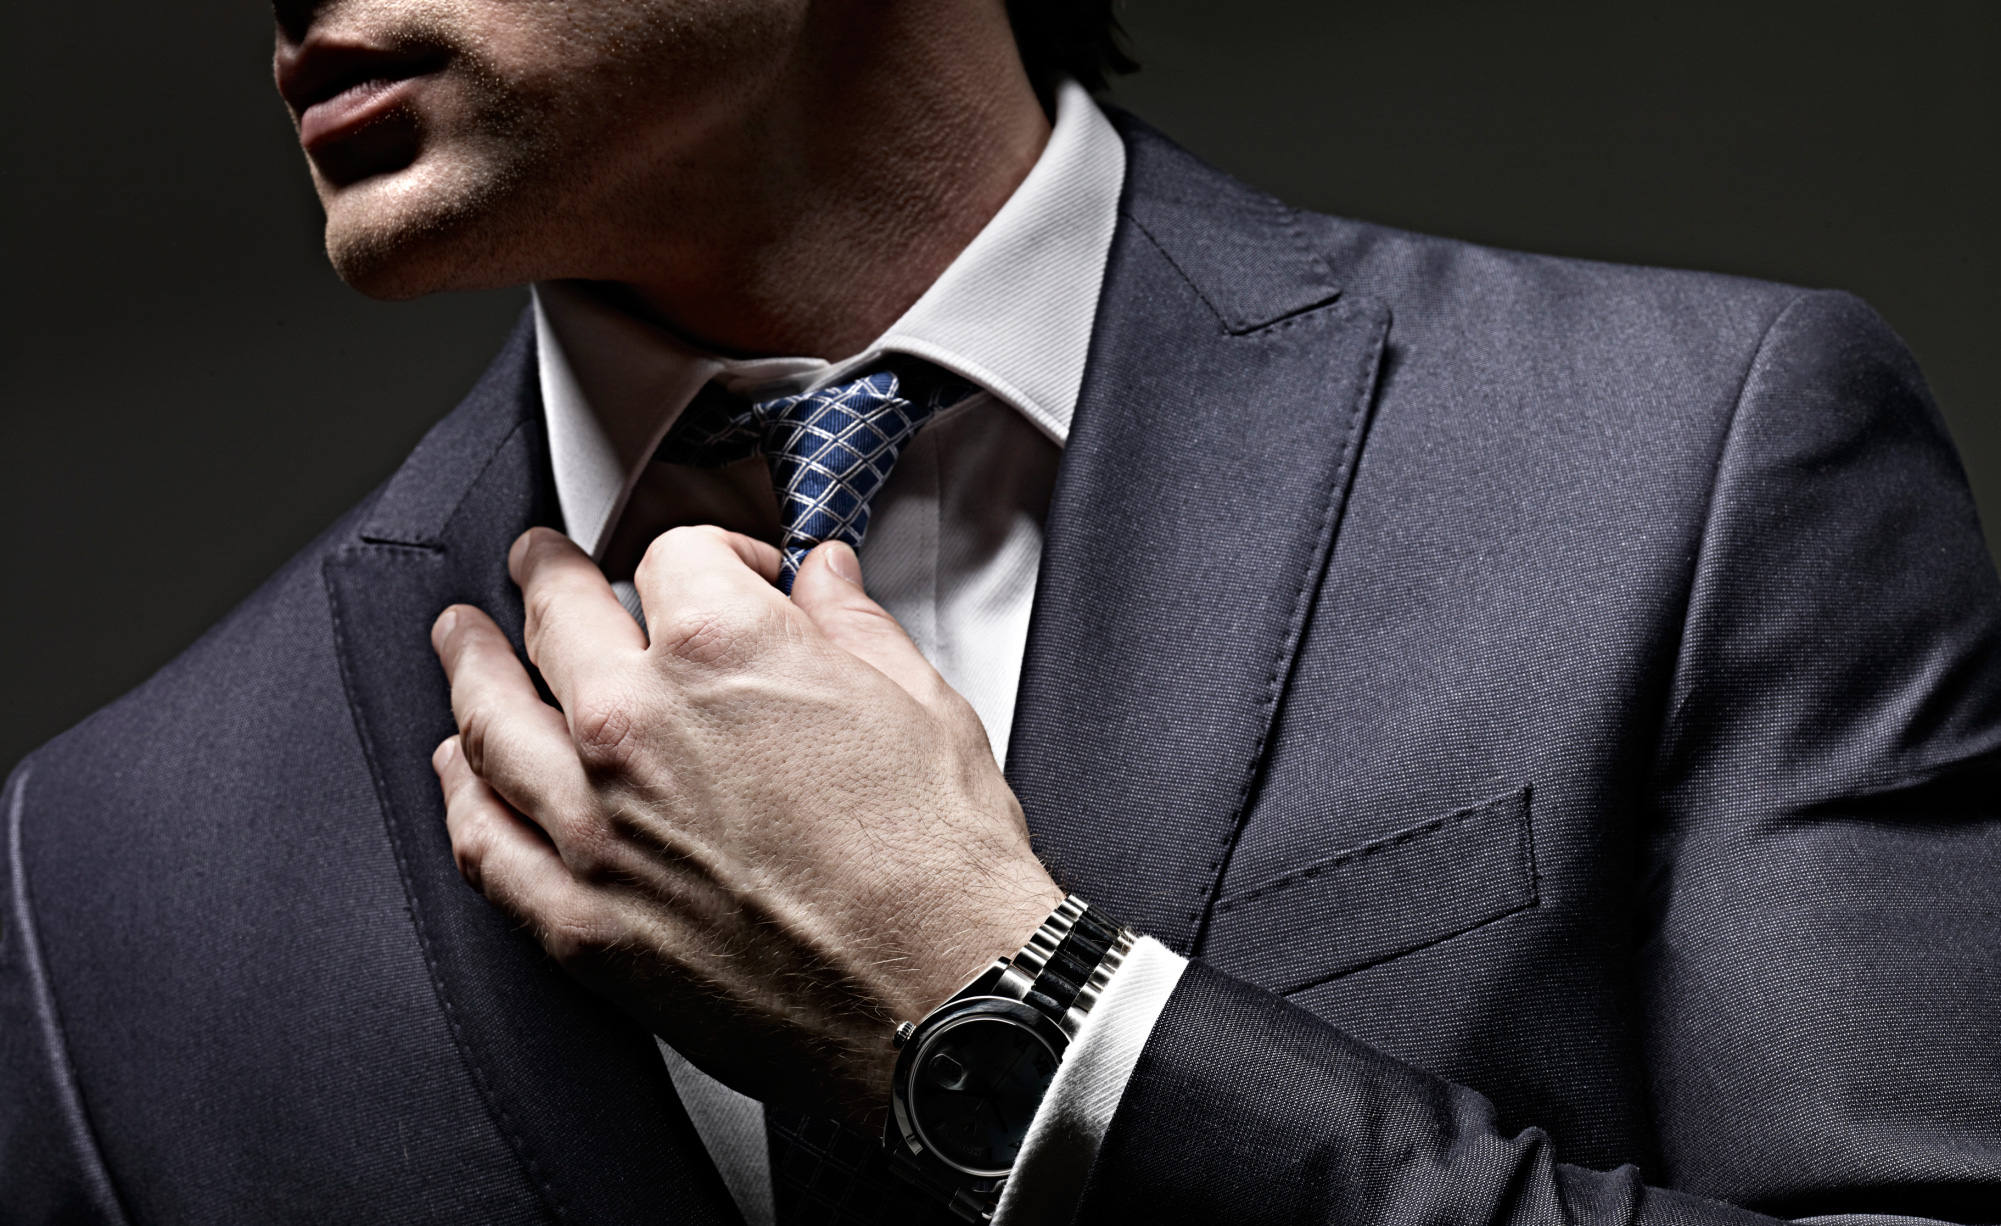 Điểm danh 5 yếu tố giúp người đàn ông thành đạt trong cuộc sống - Ảnh 1